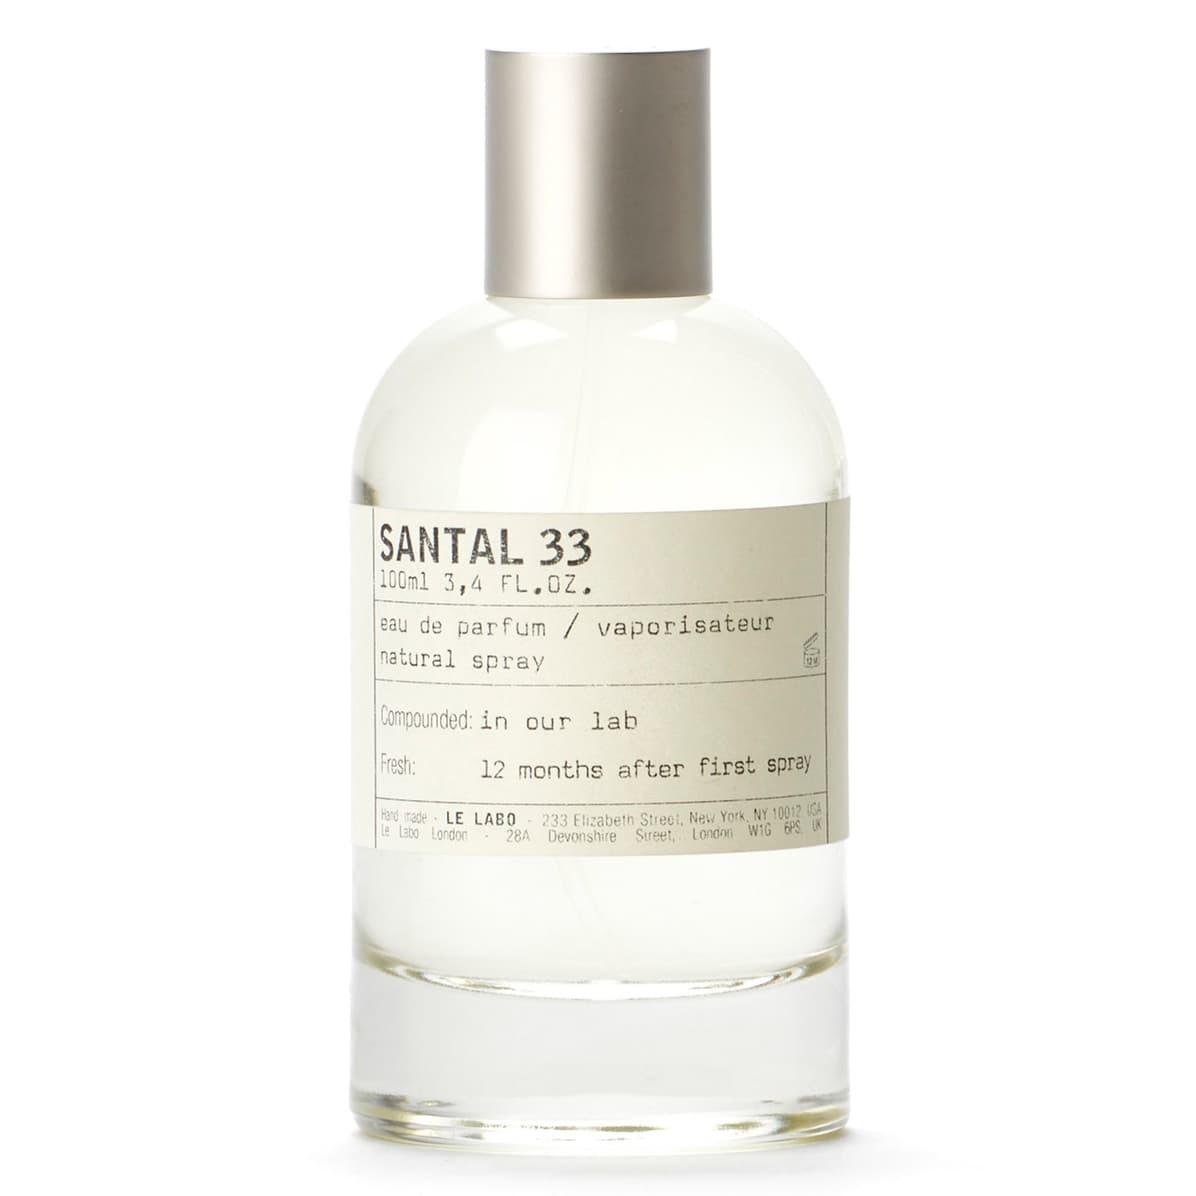 Le Labo Santal 33 Eau de Parfum, best cologne for men